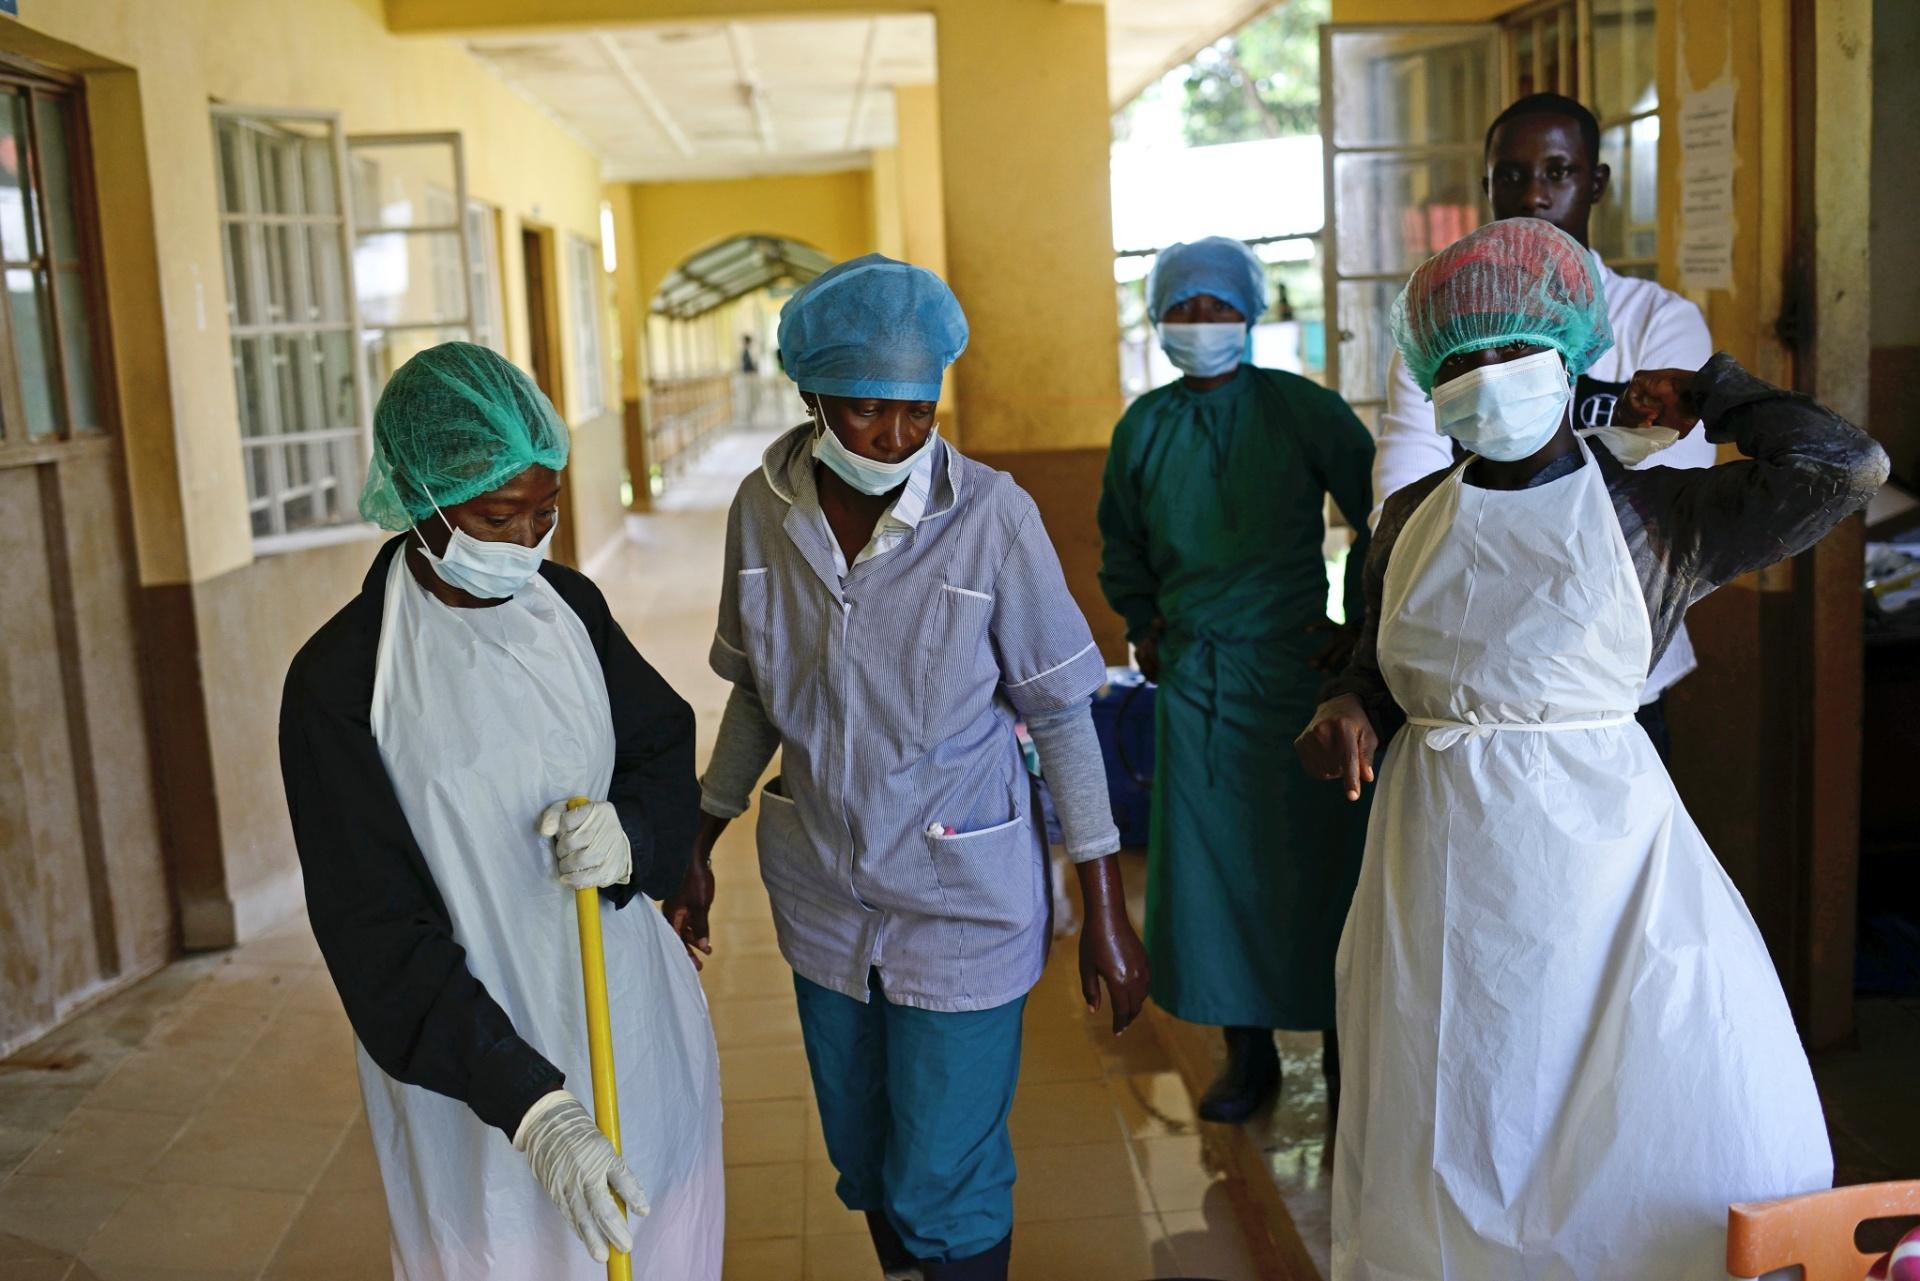 1.out.2014 - Funcionários do Hospital Regional de Makeni se reúnem durante o trabalho. A epidemia e o constante fluxo de corpos para o hospital tem afligido os funcionários do local, muitos deles pouco treinados ou protegidos